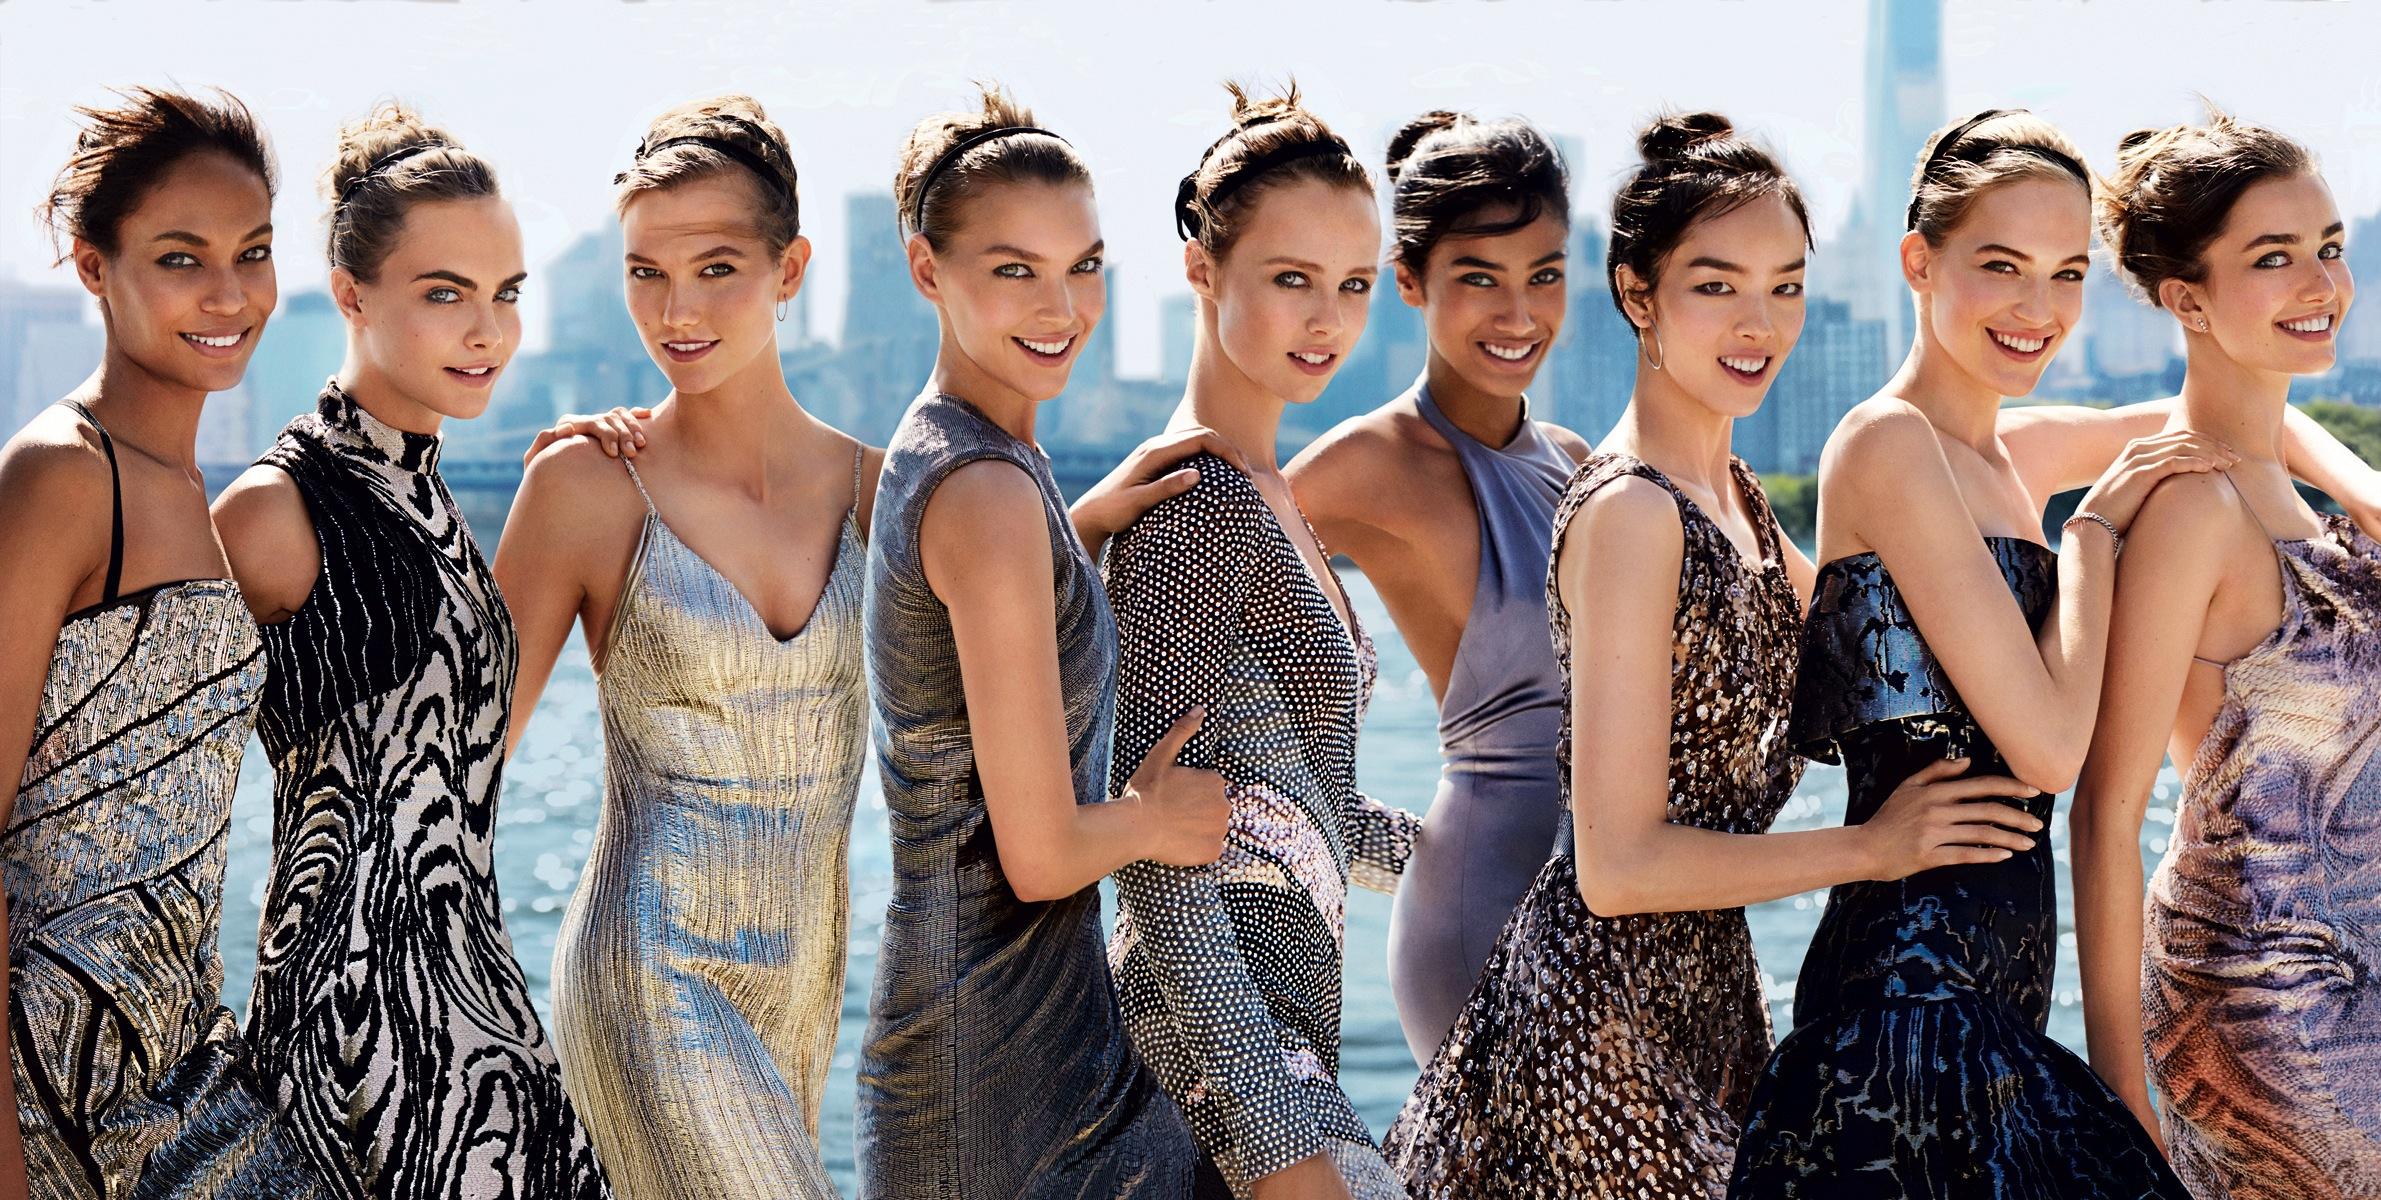 Sept. Vogue 2014